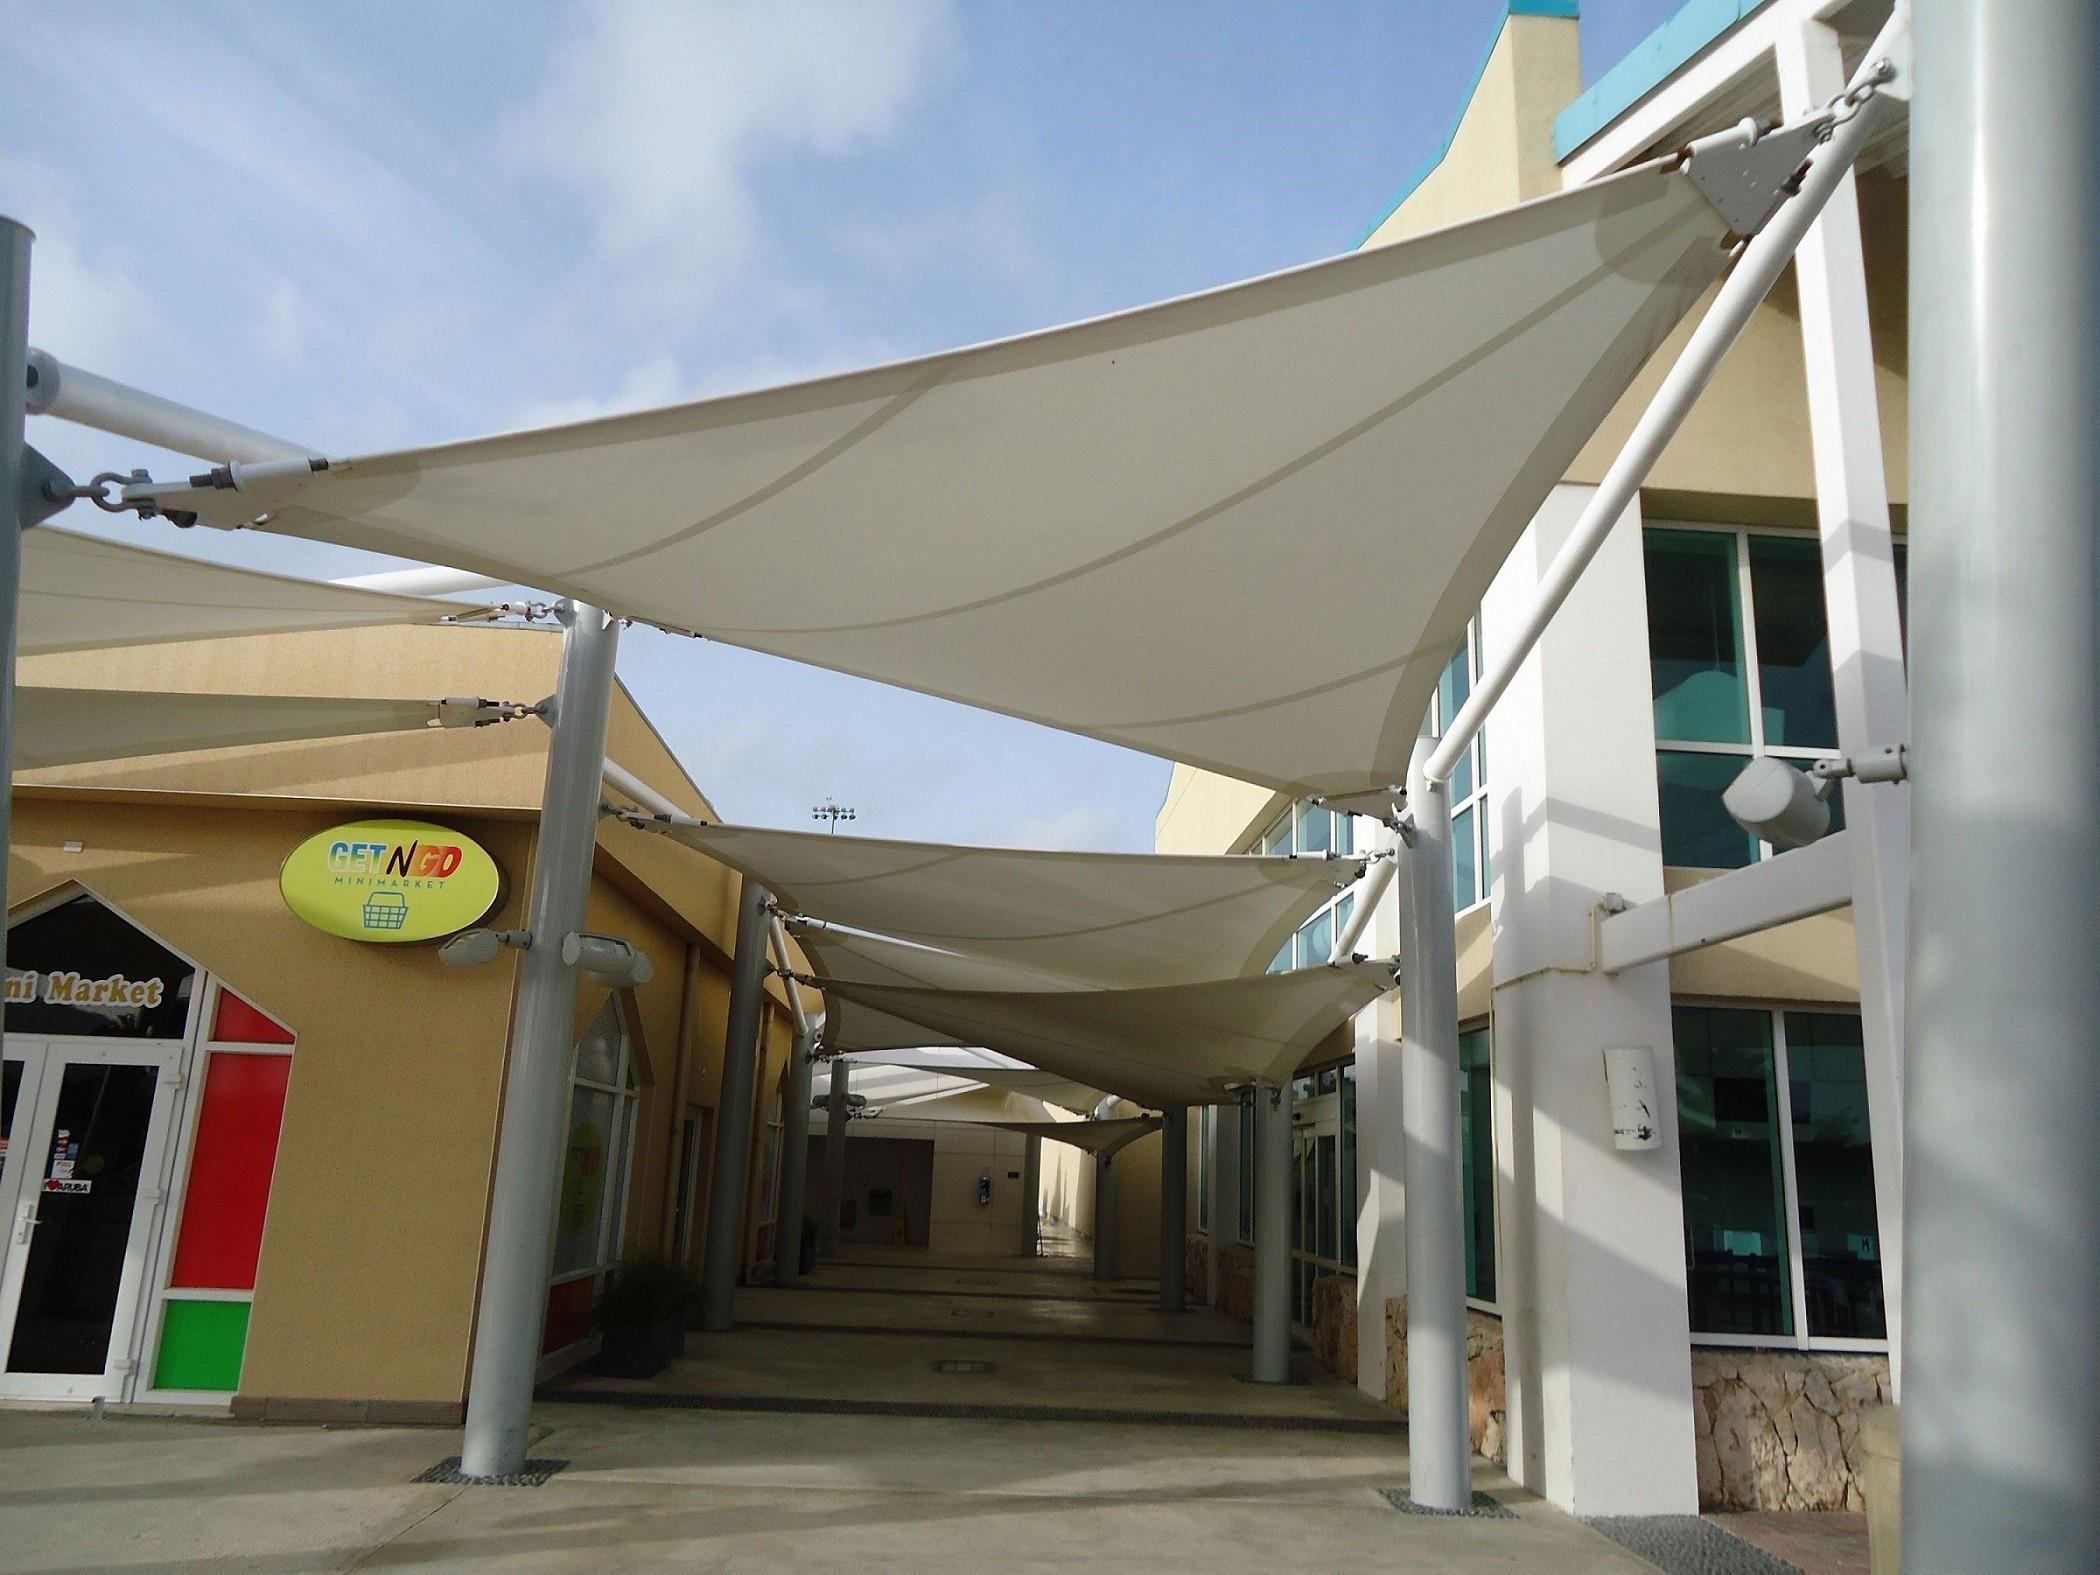 FabriTec Structures_Aruba Airport Walkway_2013